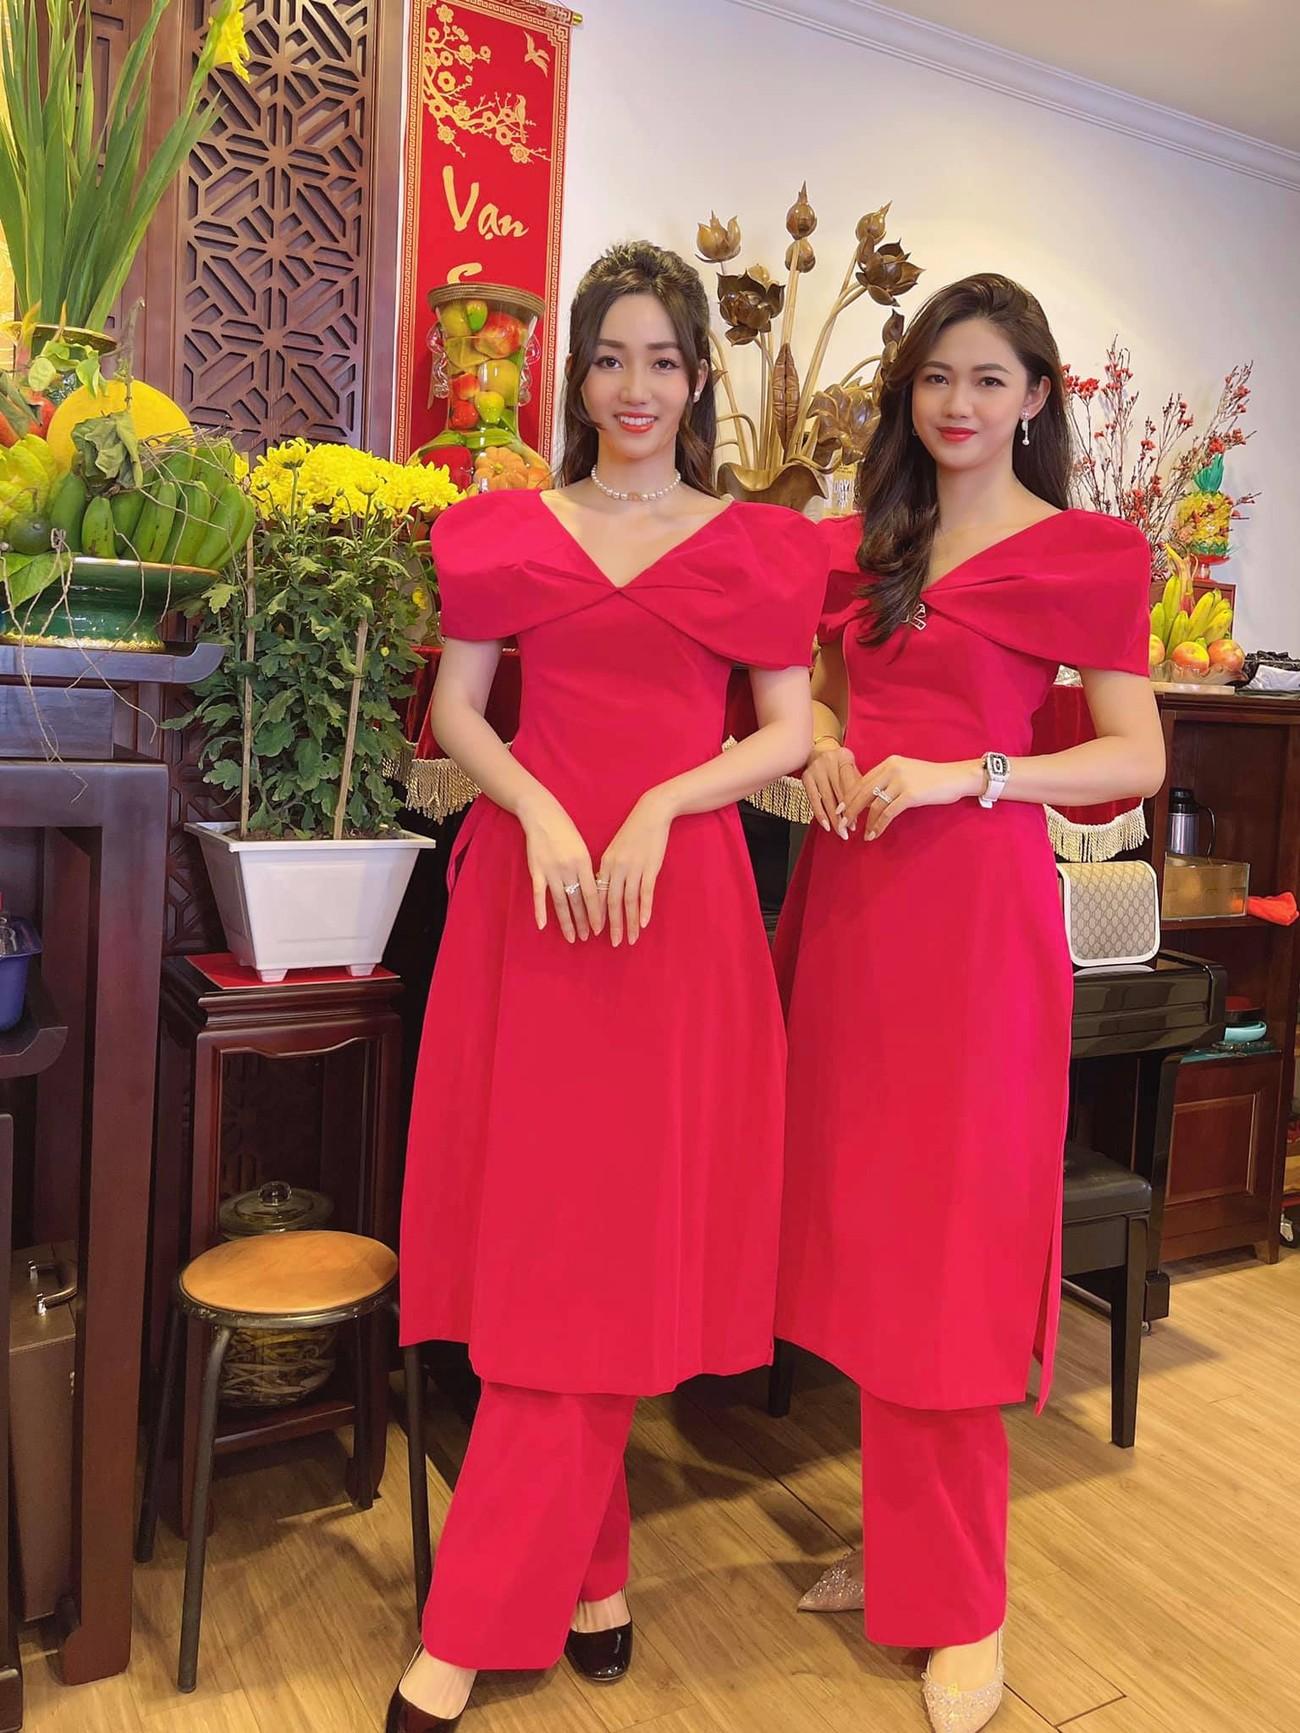 Ngọc Hân và hội bạn thân cả thập kỷ mặc áo dài khoe dáng trên phố Xuân mùng 2 Tết ảnh 14